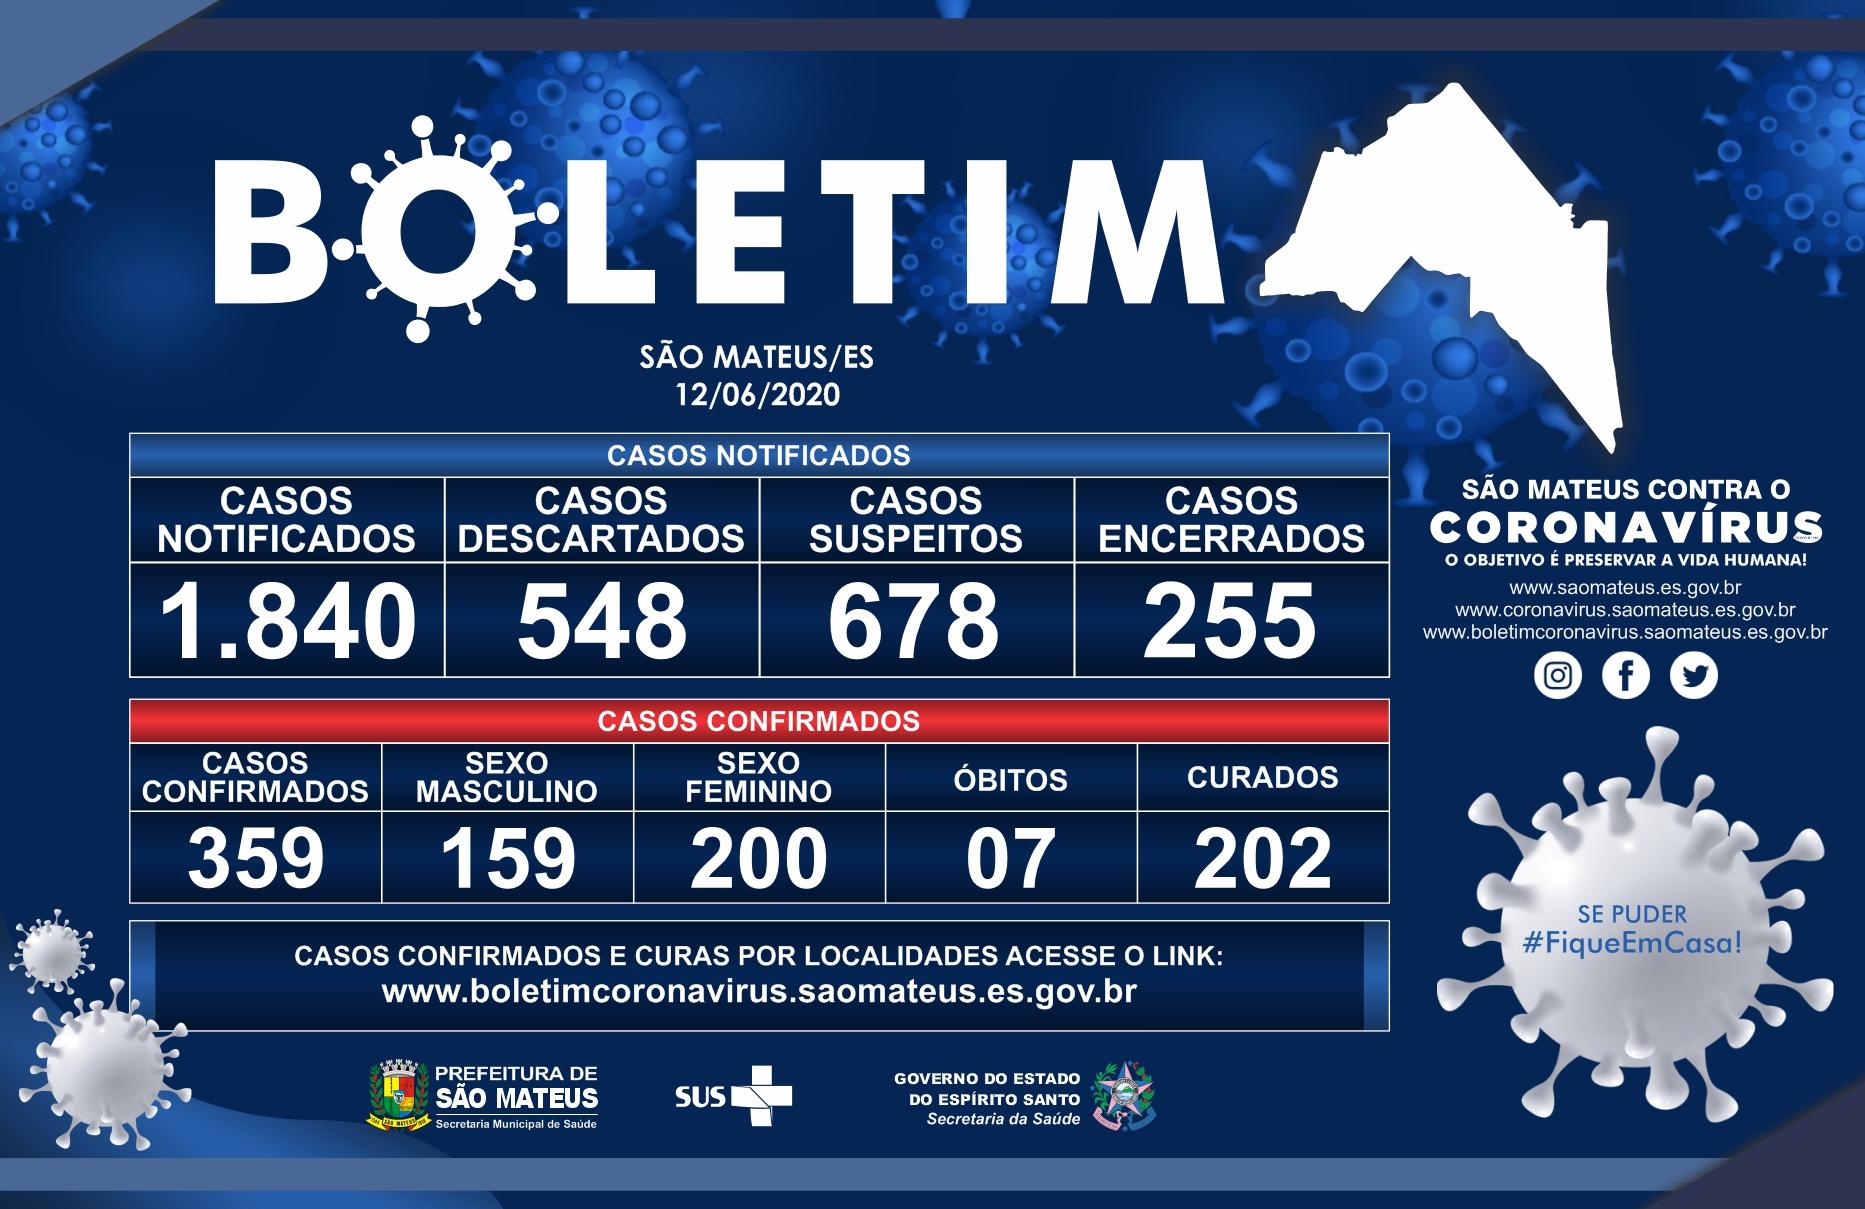 CORONAVÍRUS EM SÃO MATEUS 12/06 (SEXTA-FEIRA): 359 CASOS CONFIRMADOS E 202 CURADOS